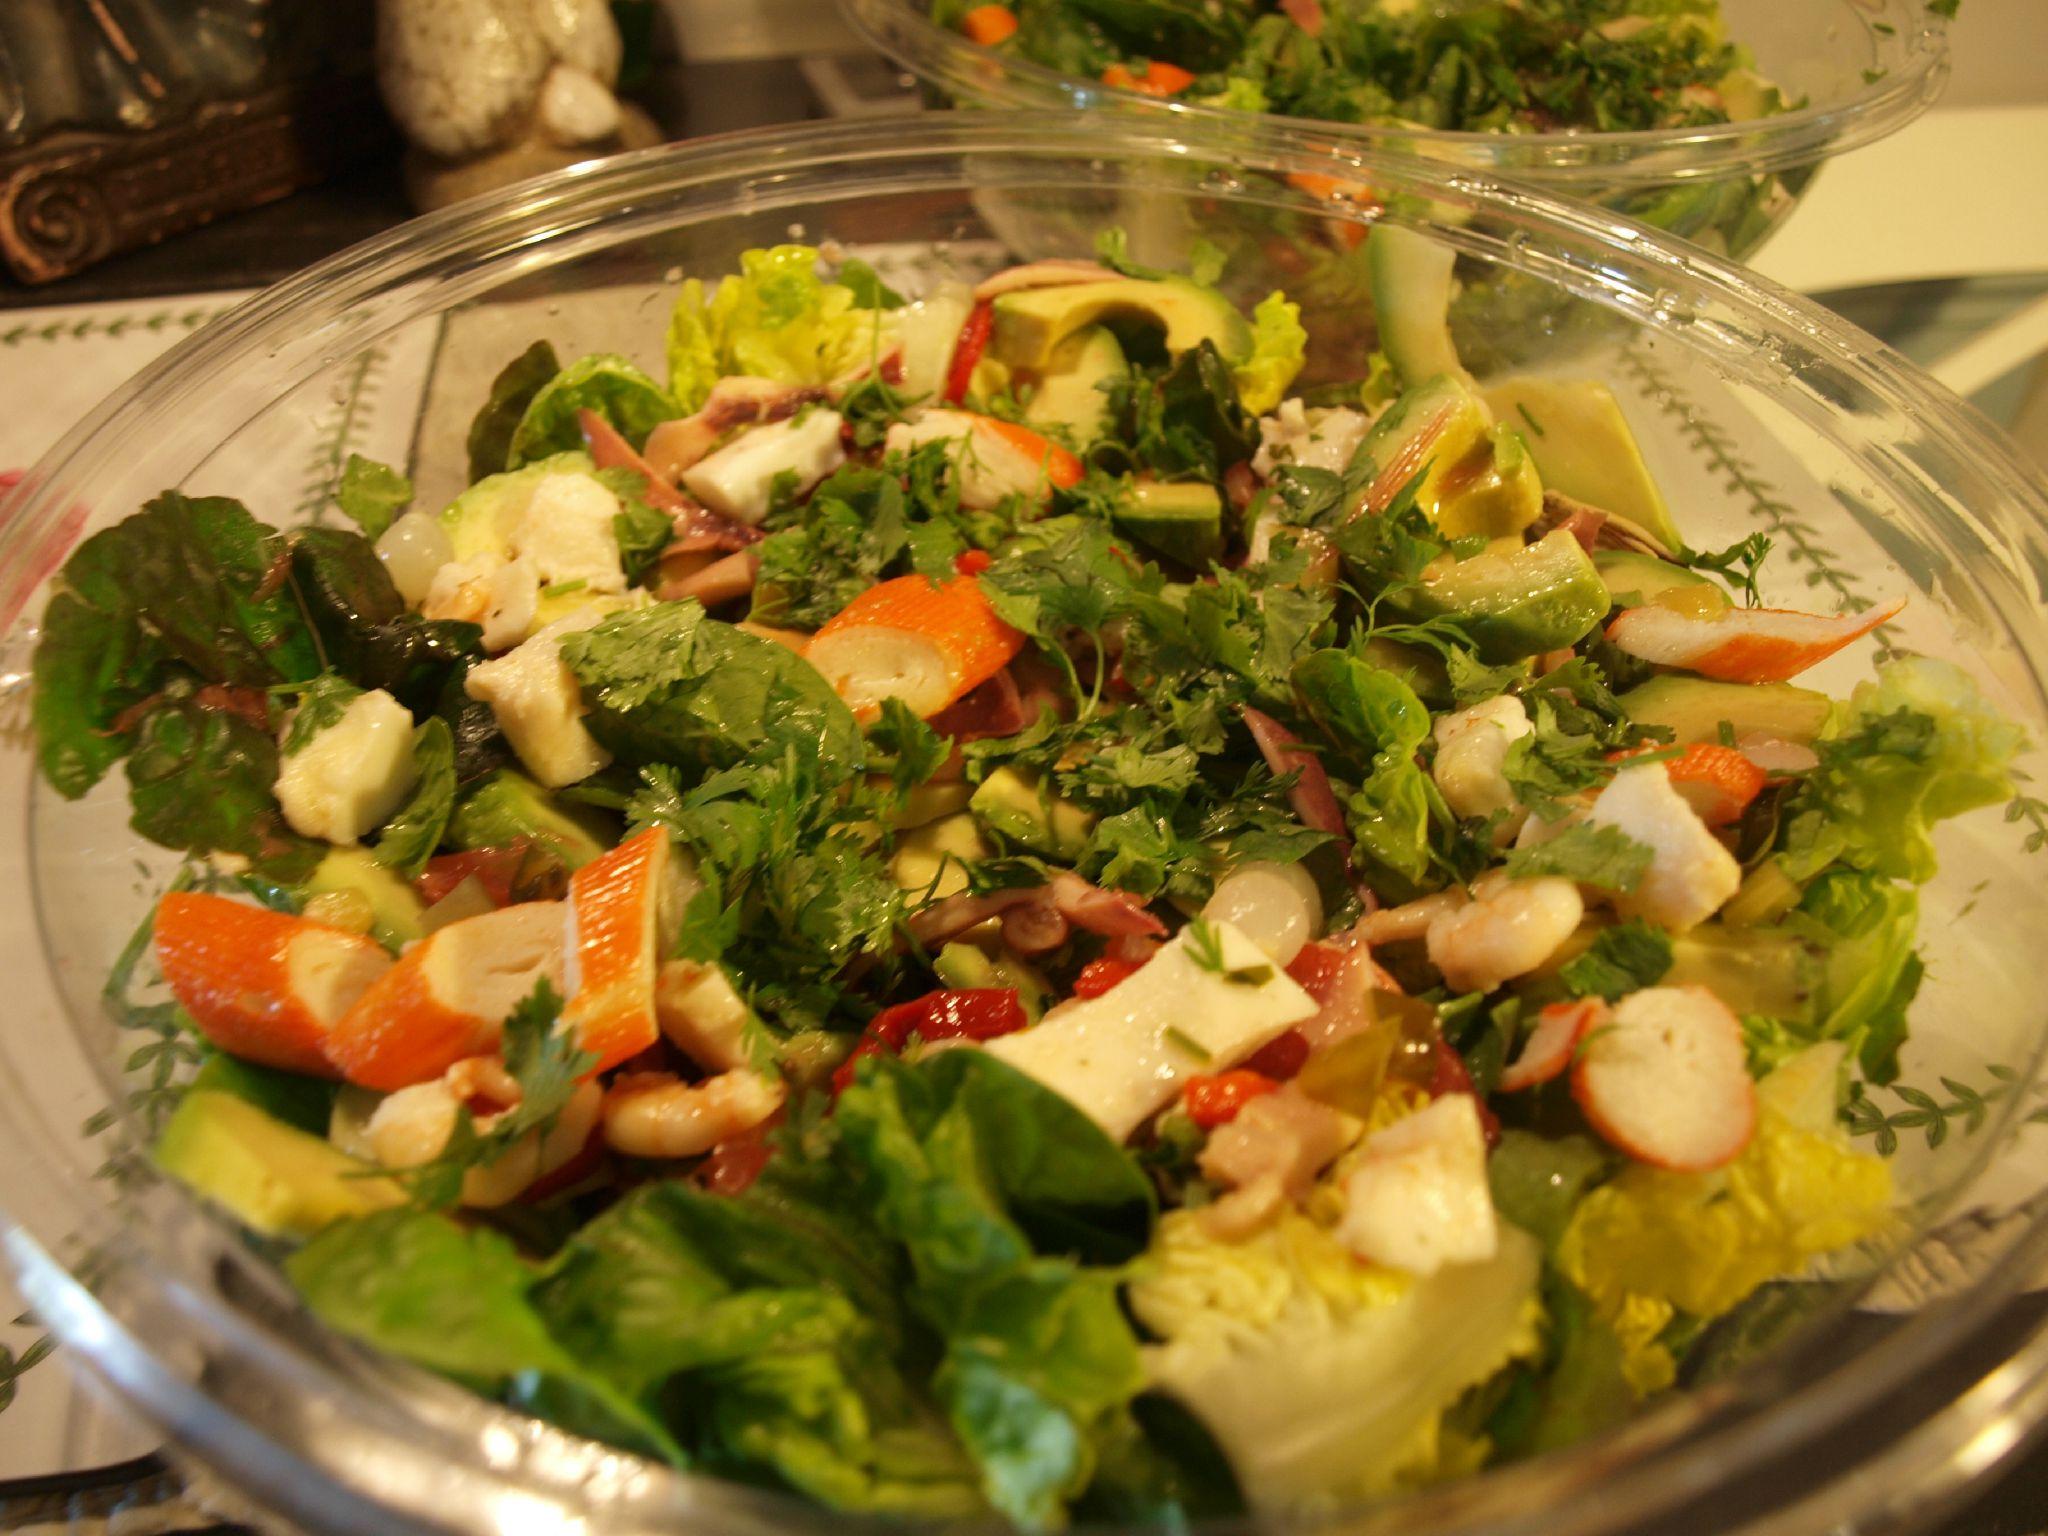 salade fraiche aux fruits de mer vinaigrette saveur asiatique blogs de cuisine. Black Bedroom Furniture Sets. Home Design Ideas